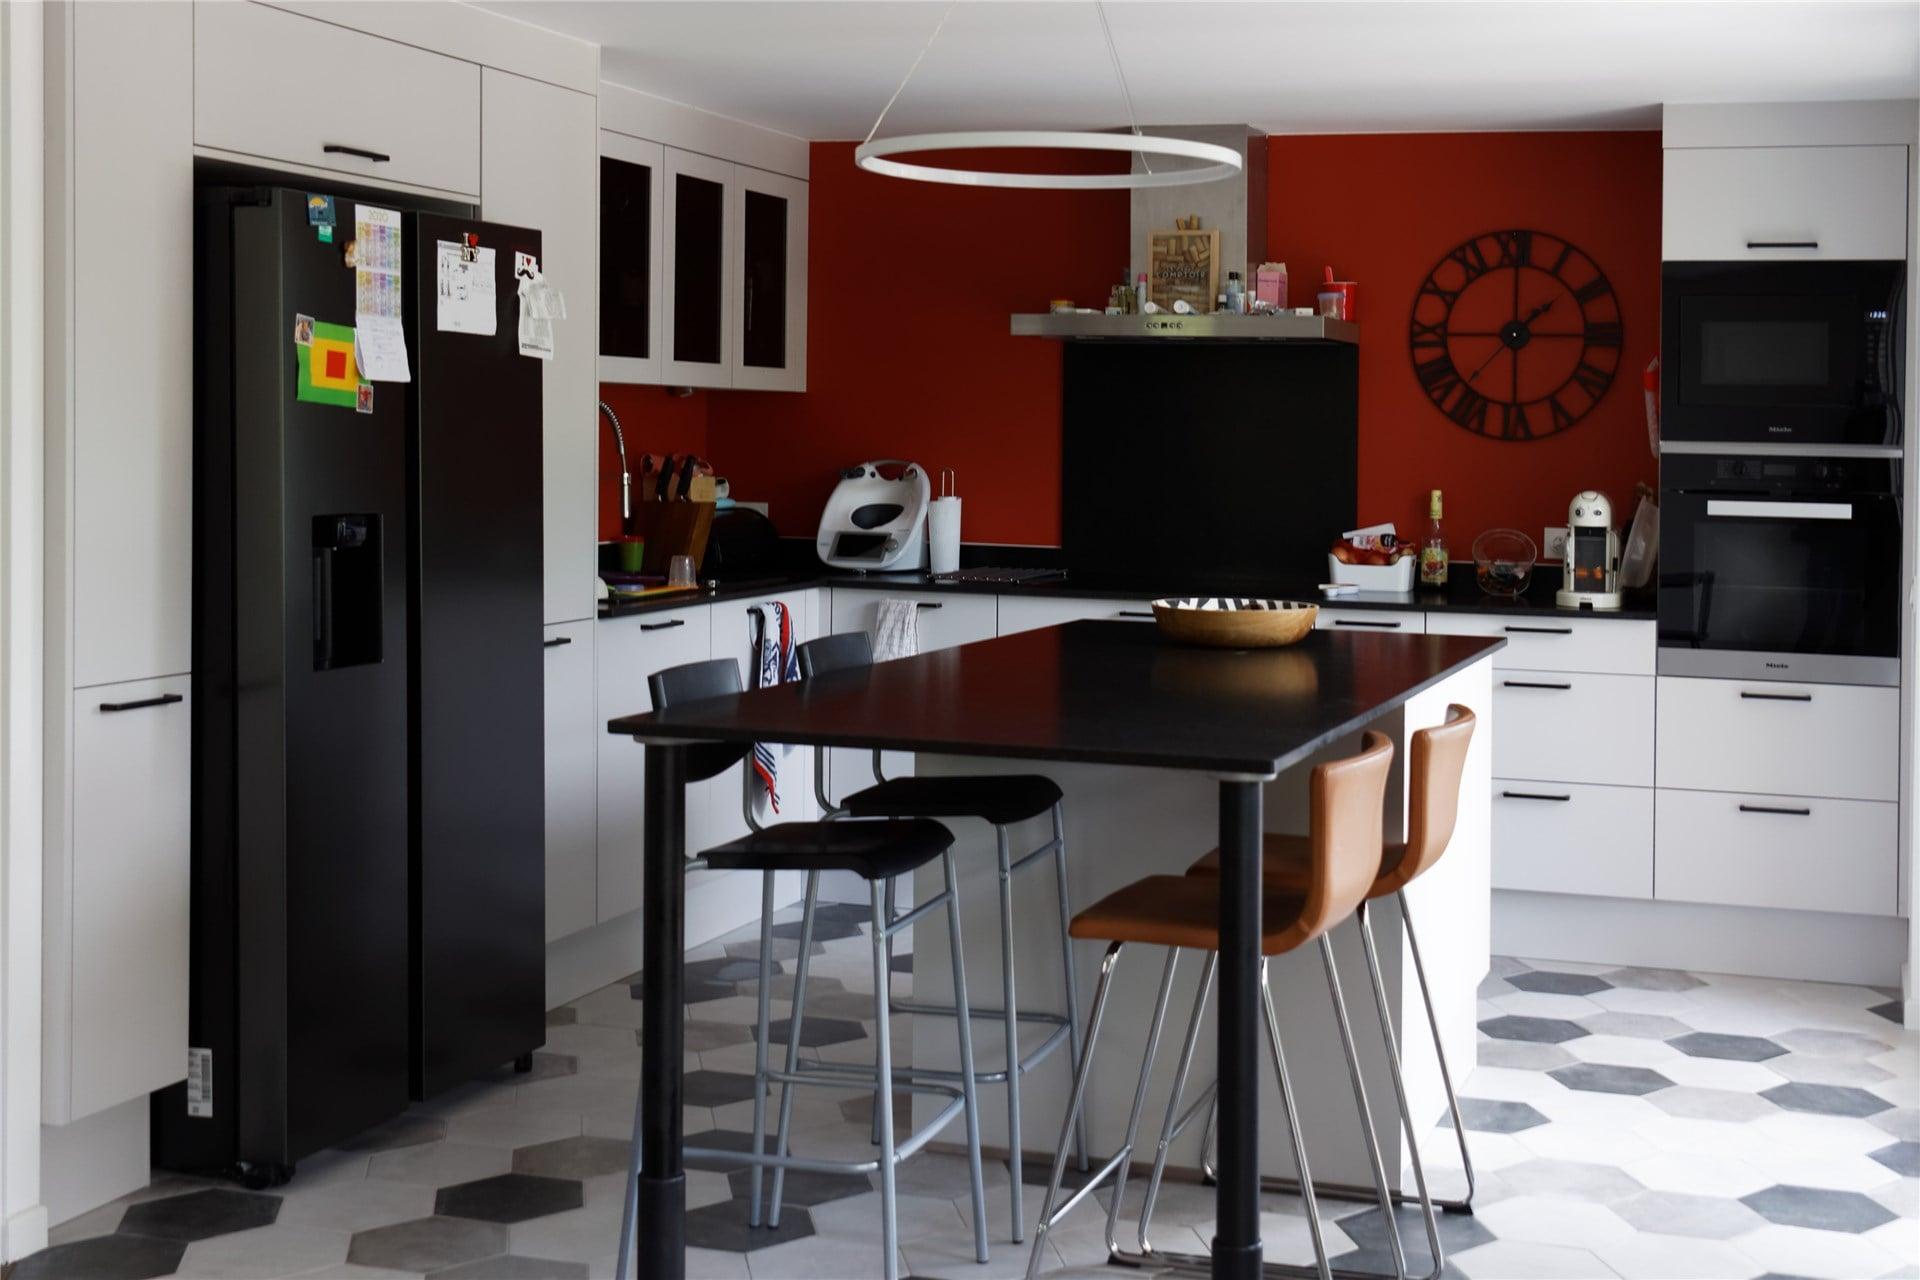 Image cuisine rénovée General Services Renovation Pays de Gex